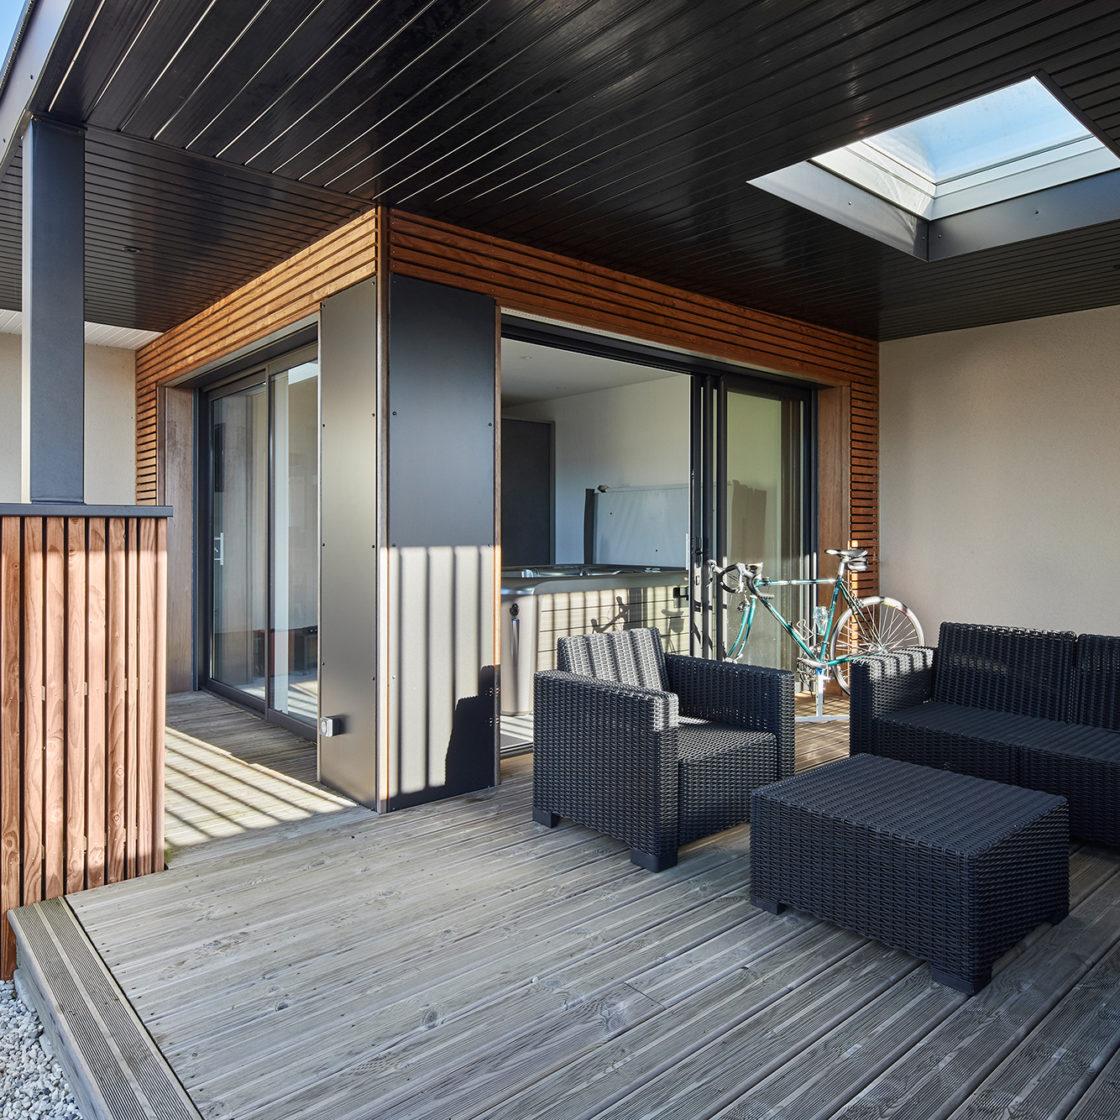 Terrasse extenbois spa